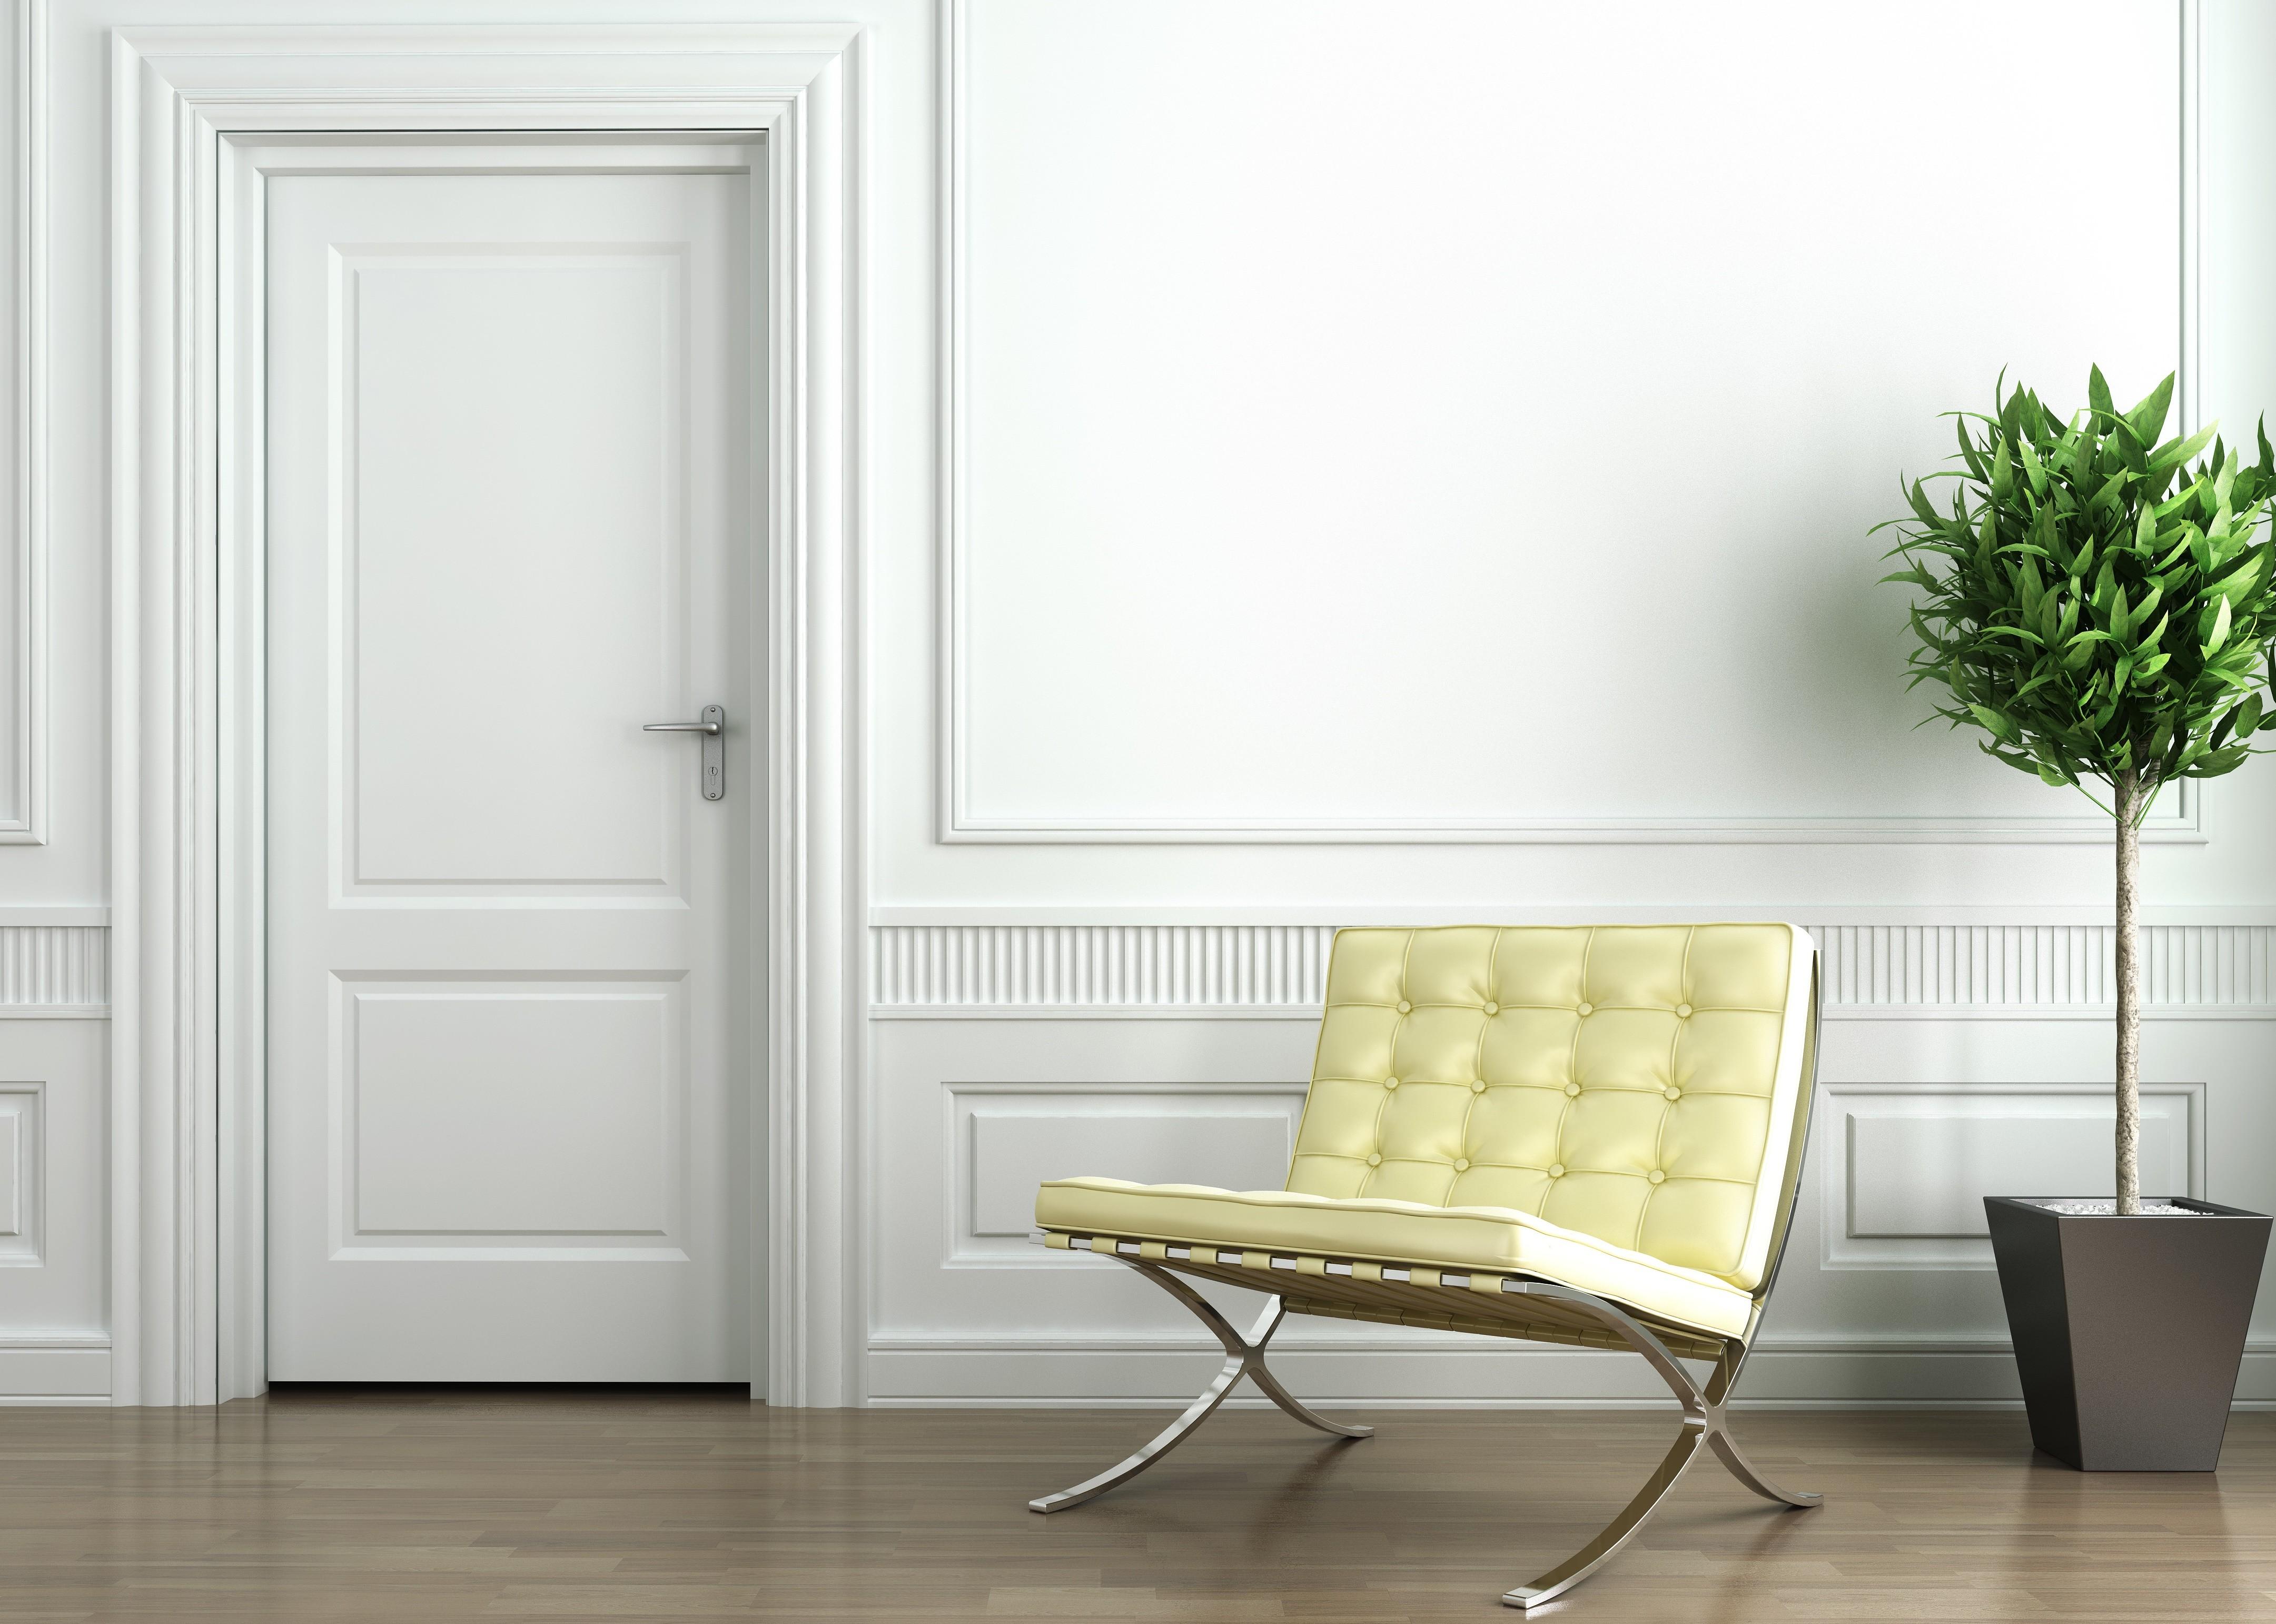 Lacar puertas en blanco for Colores para pintar puertas de interior